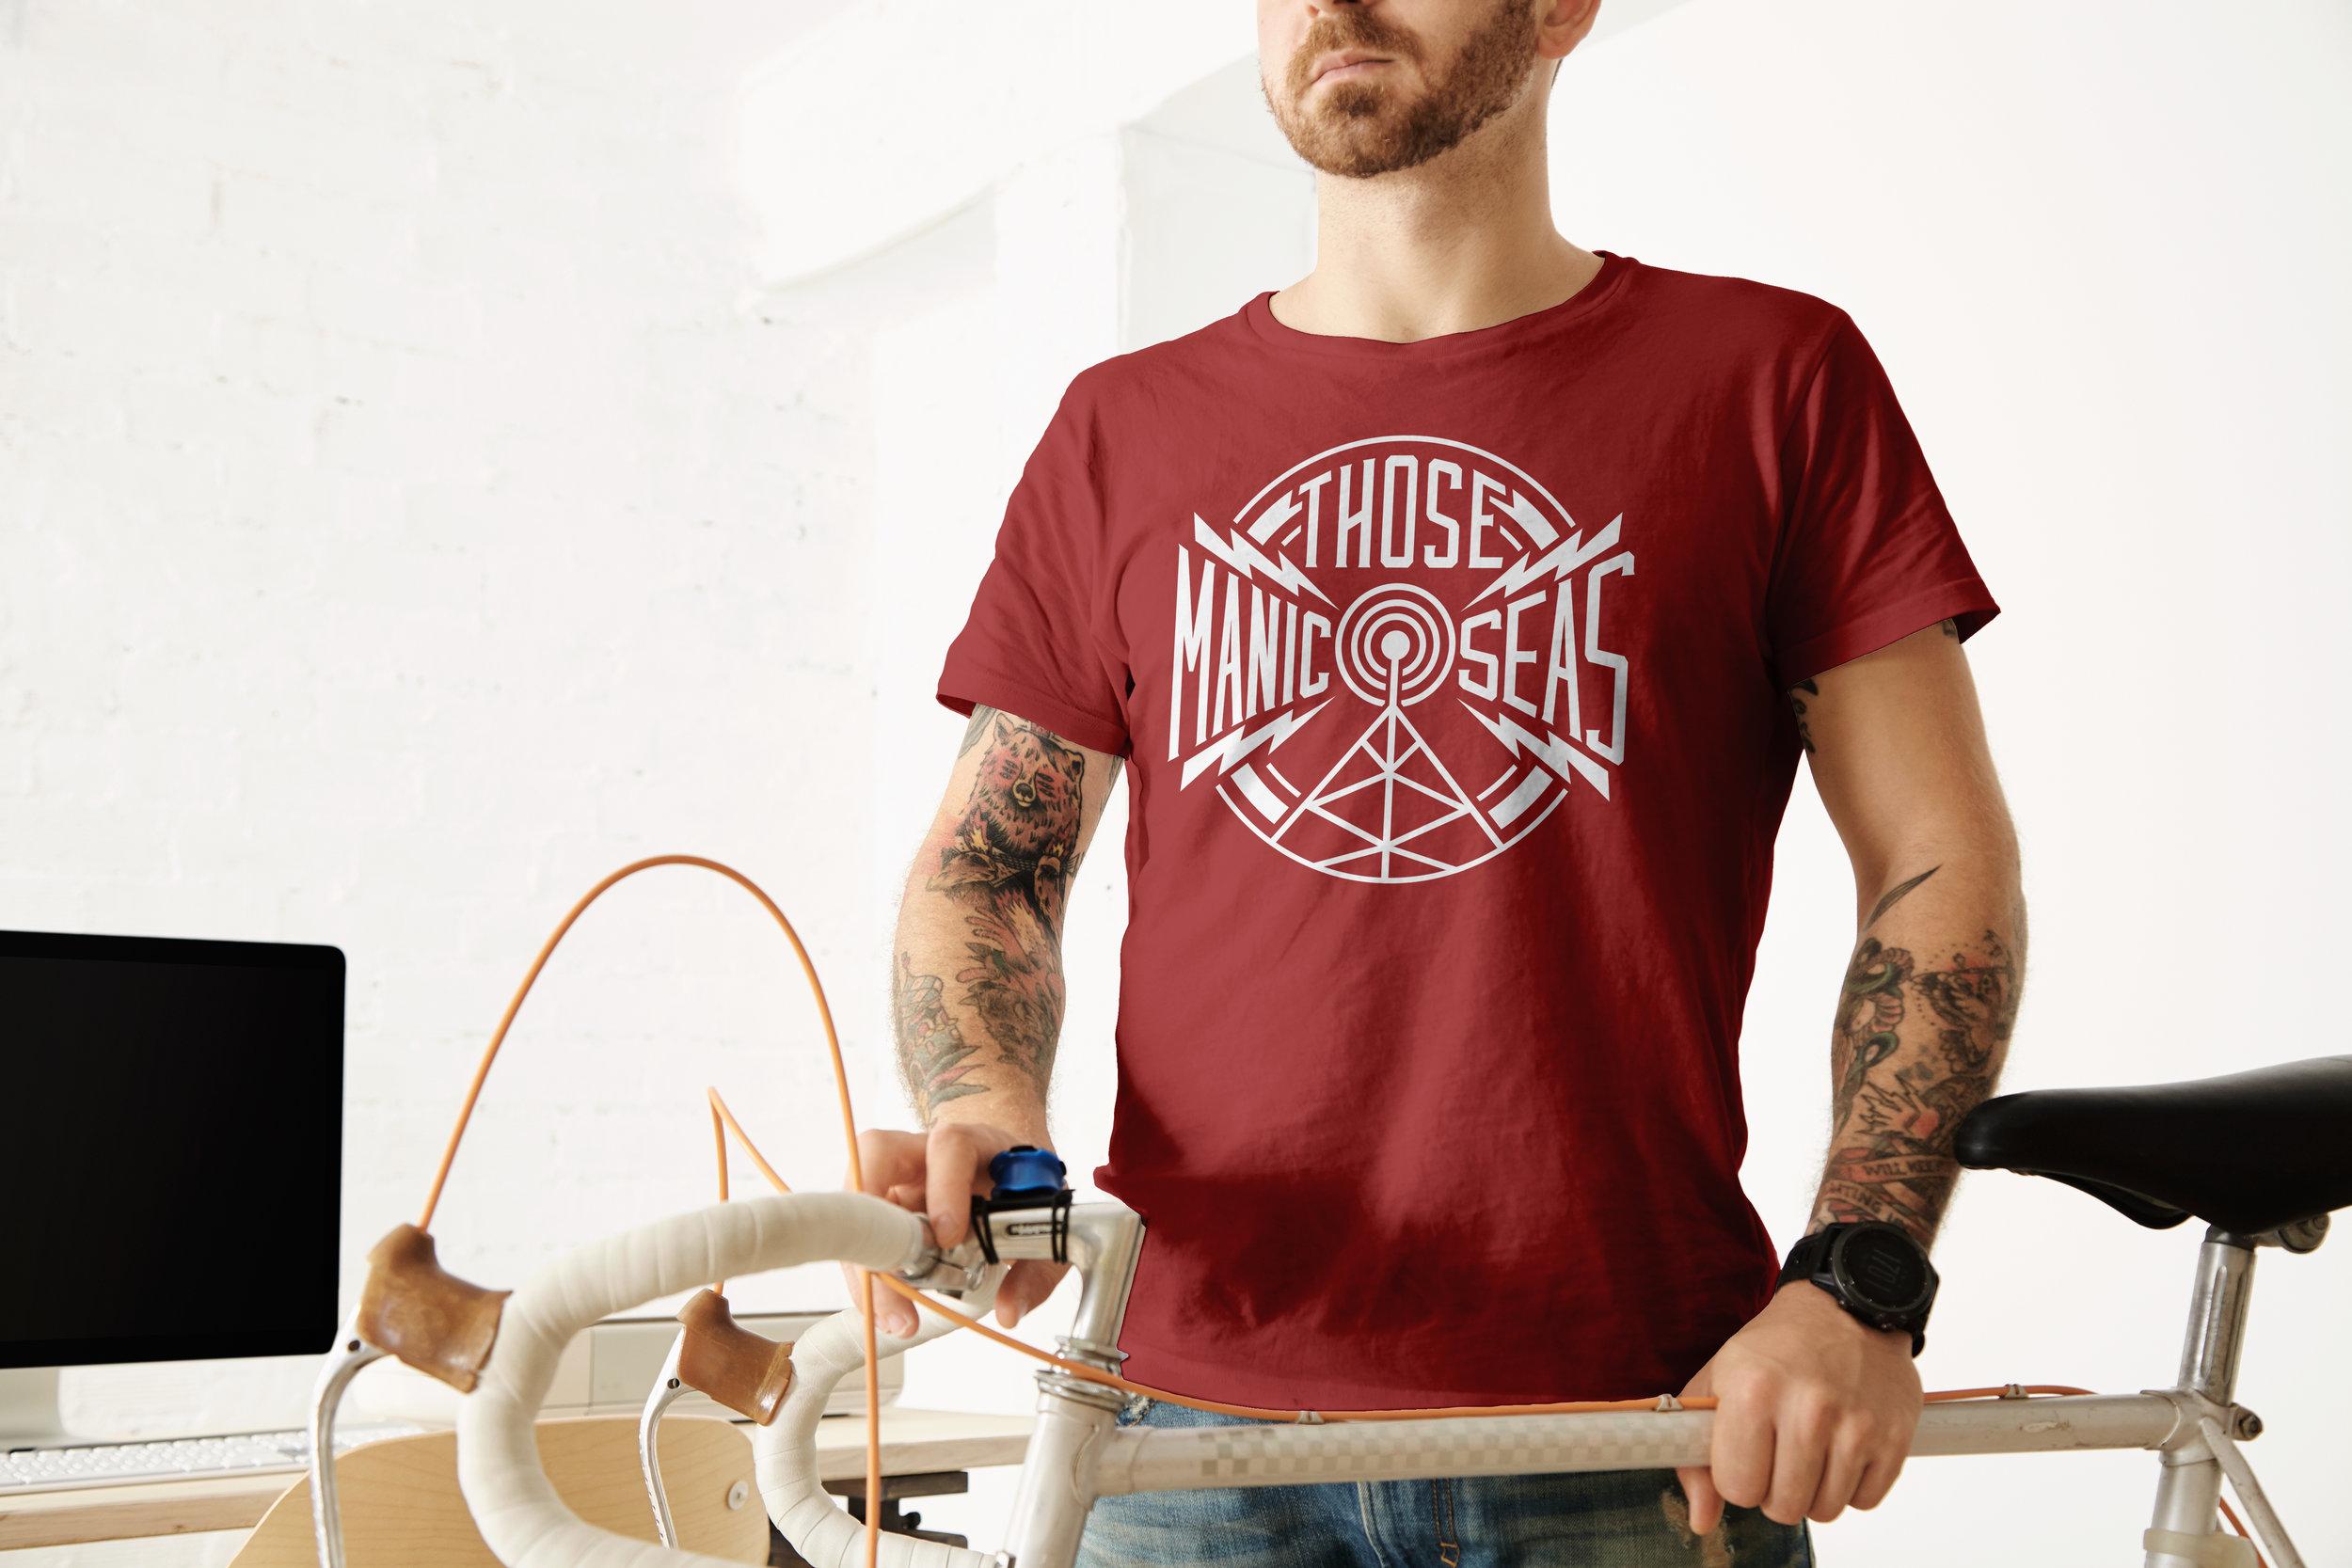 Red Band Shirt Design, Those Manic Seas, Radio Tower,   Idaho Utah Designer www.facelesscreativeco.com